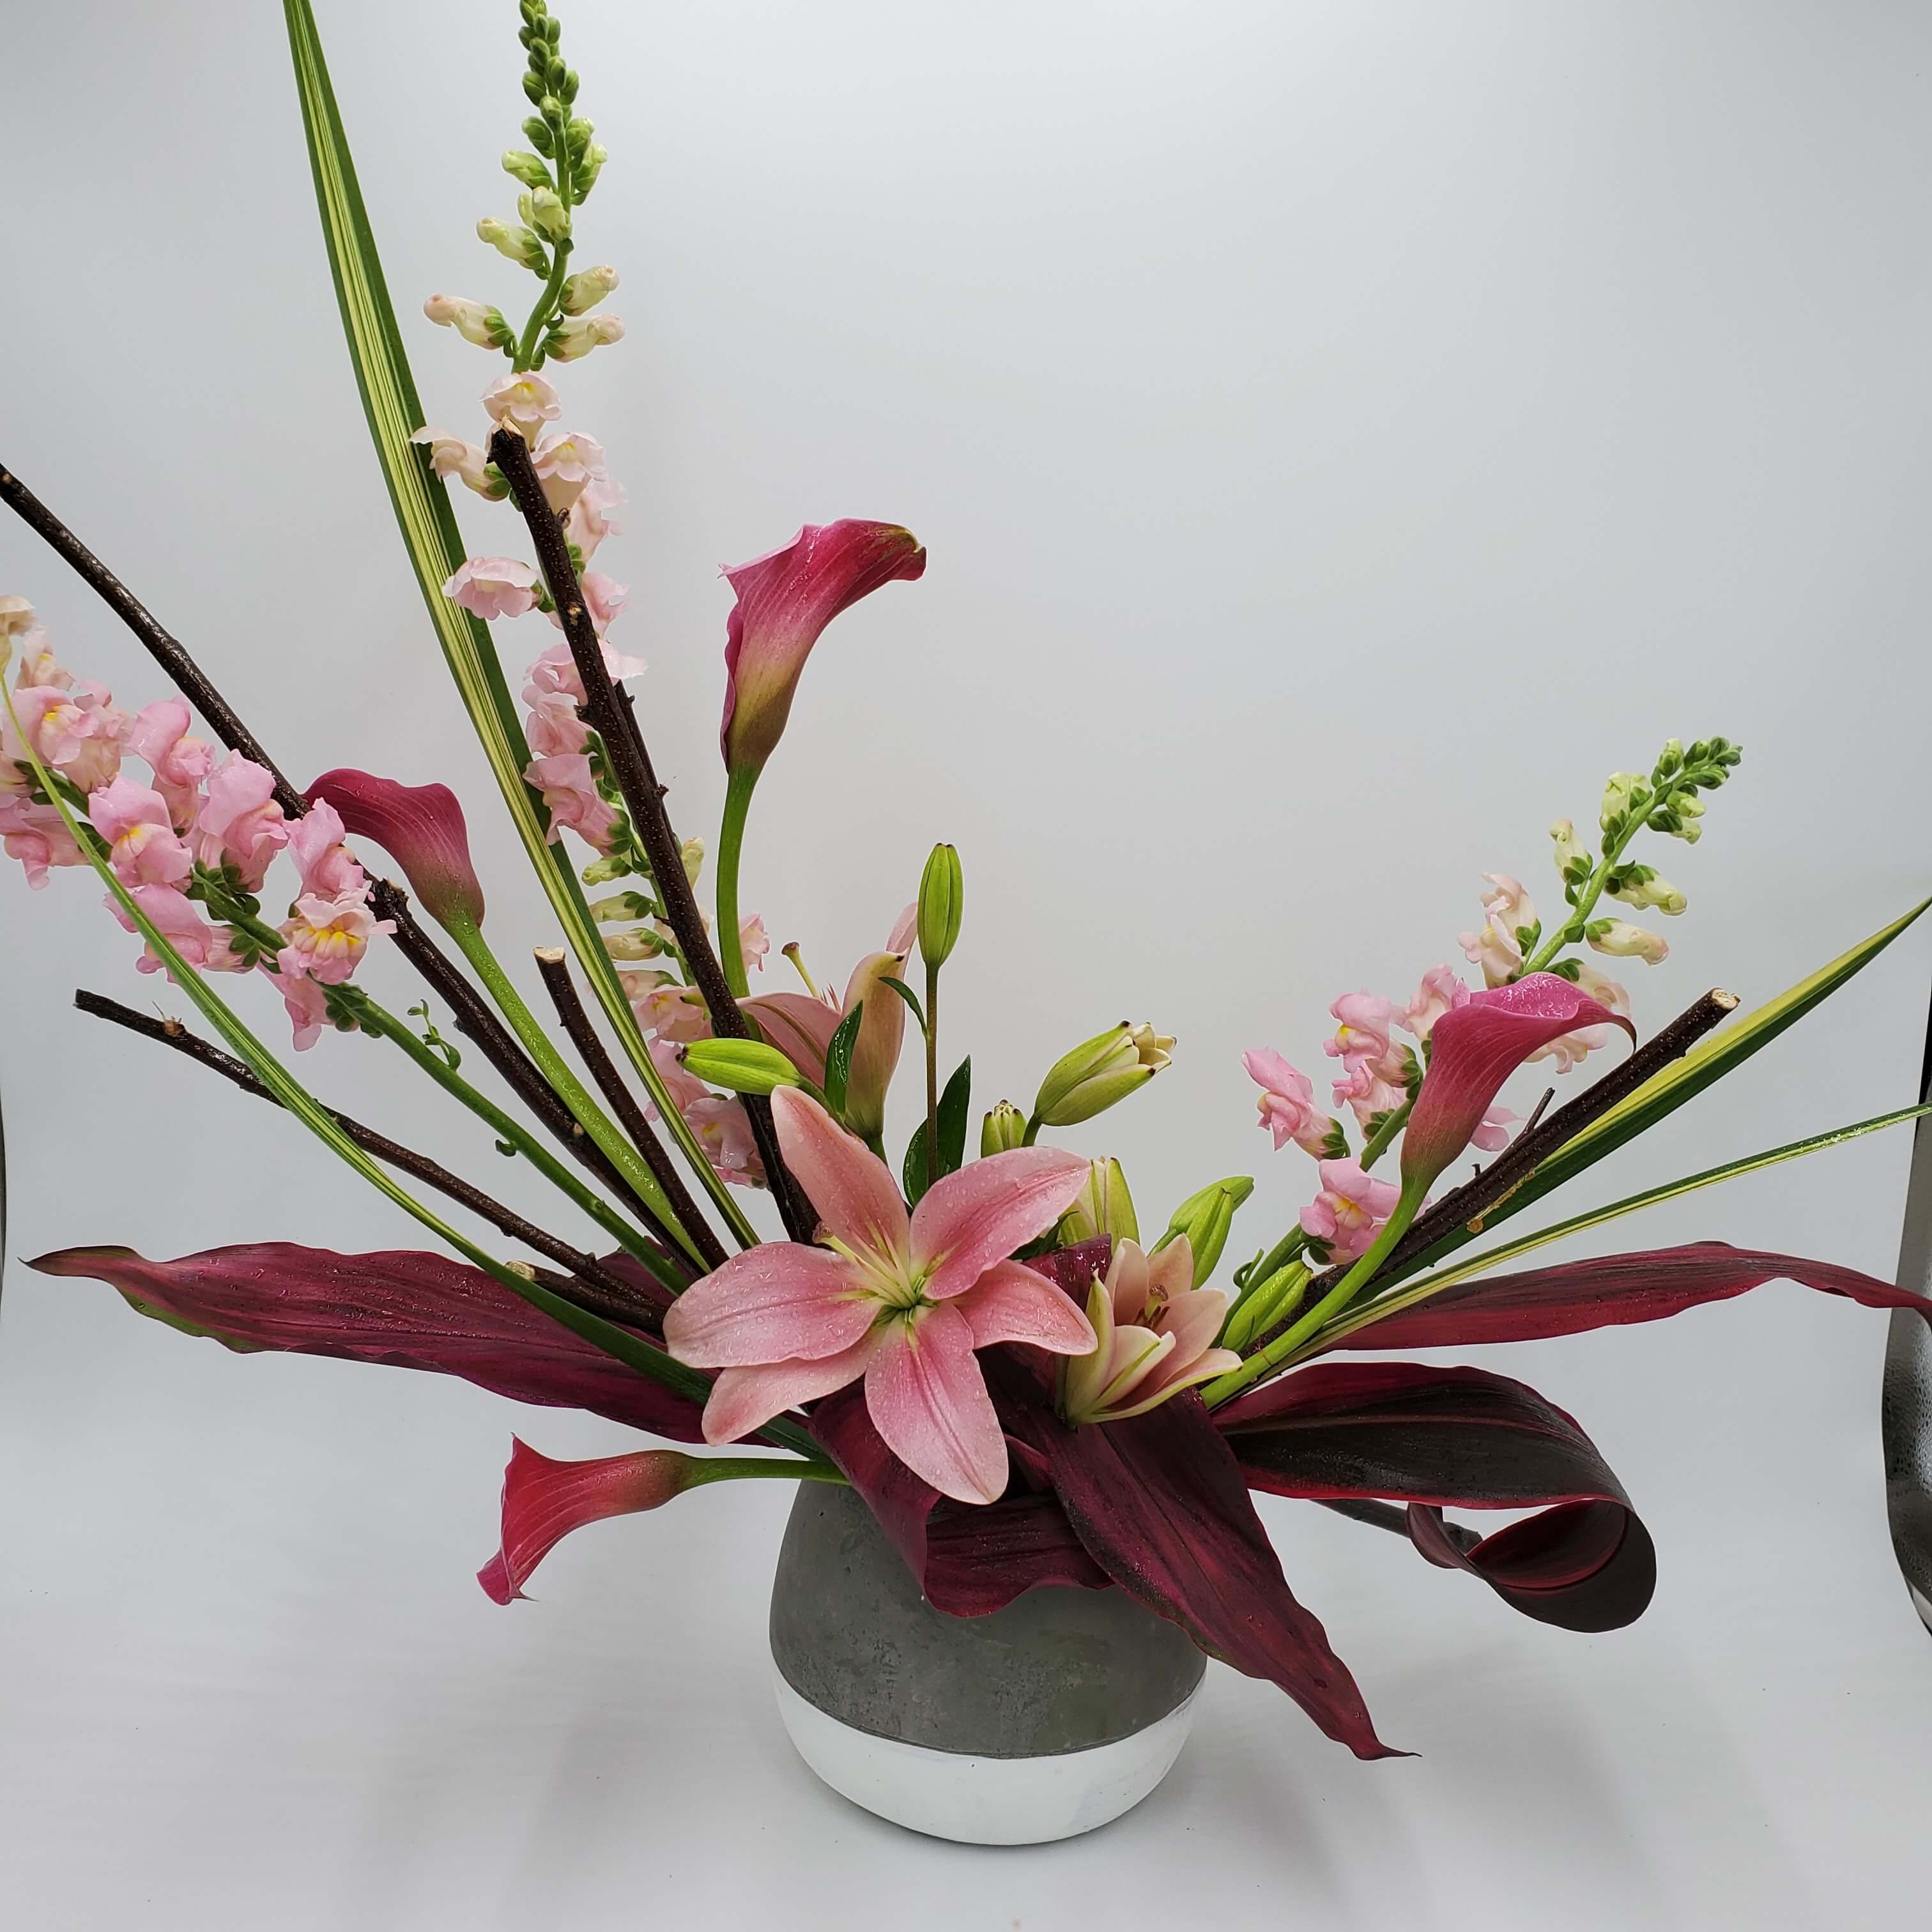 Artistic Pink Floral design